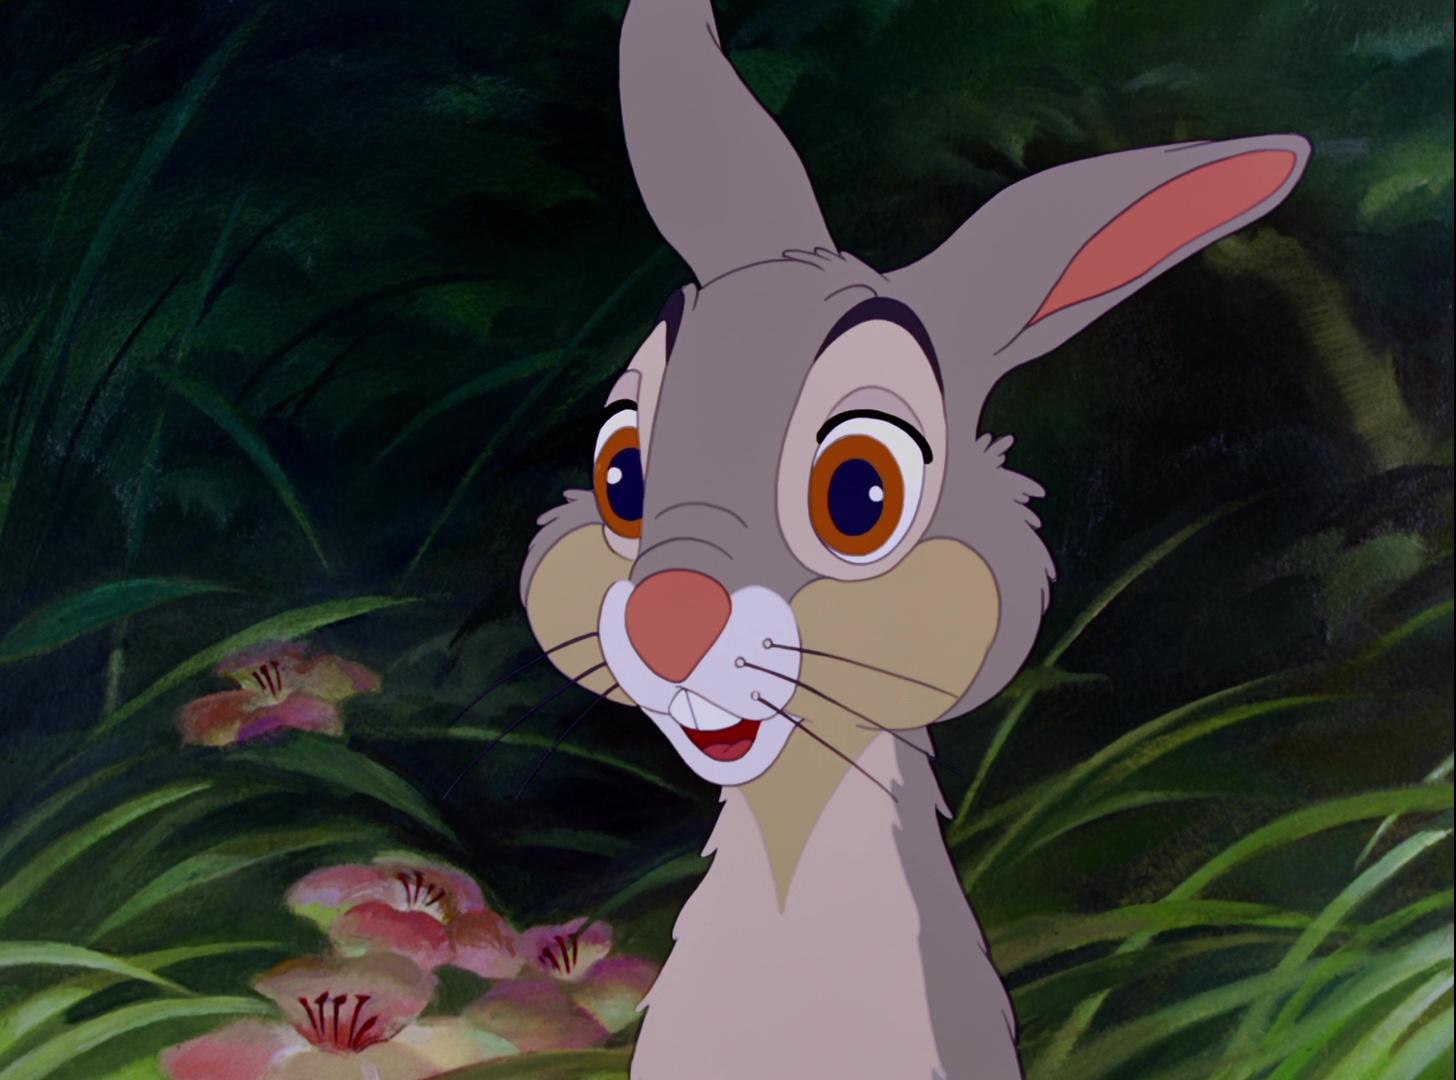 """Disegno Tsum Tsum Stitch Personaggio Cartone Animato Da: Panpan, Personnage Dans """"Bambi""""."""